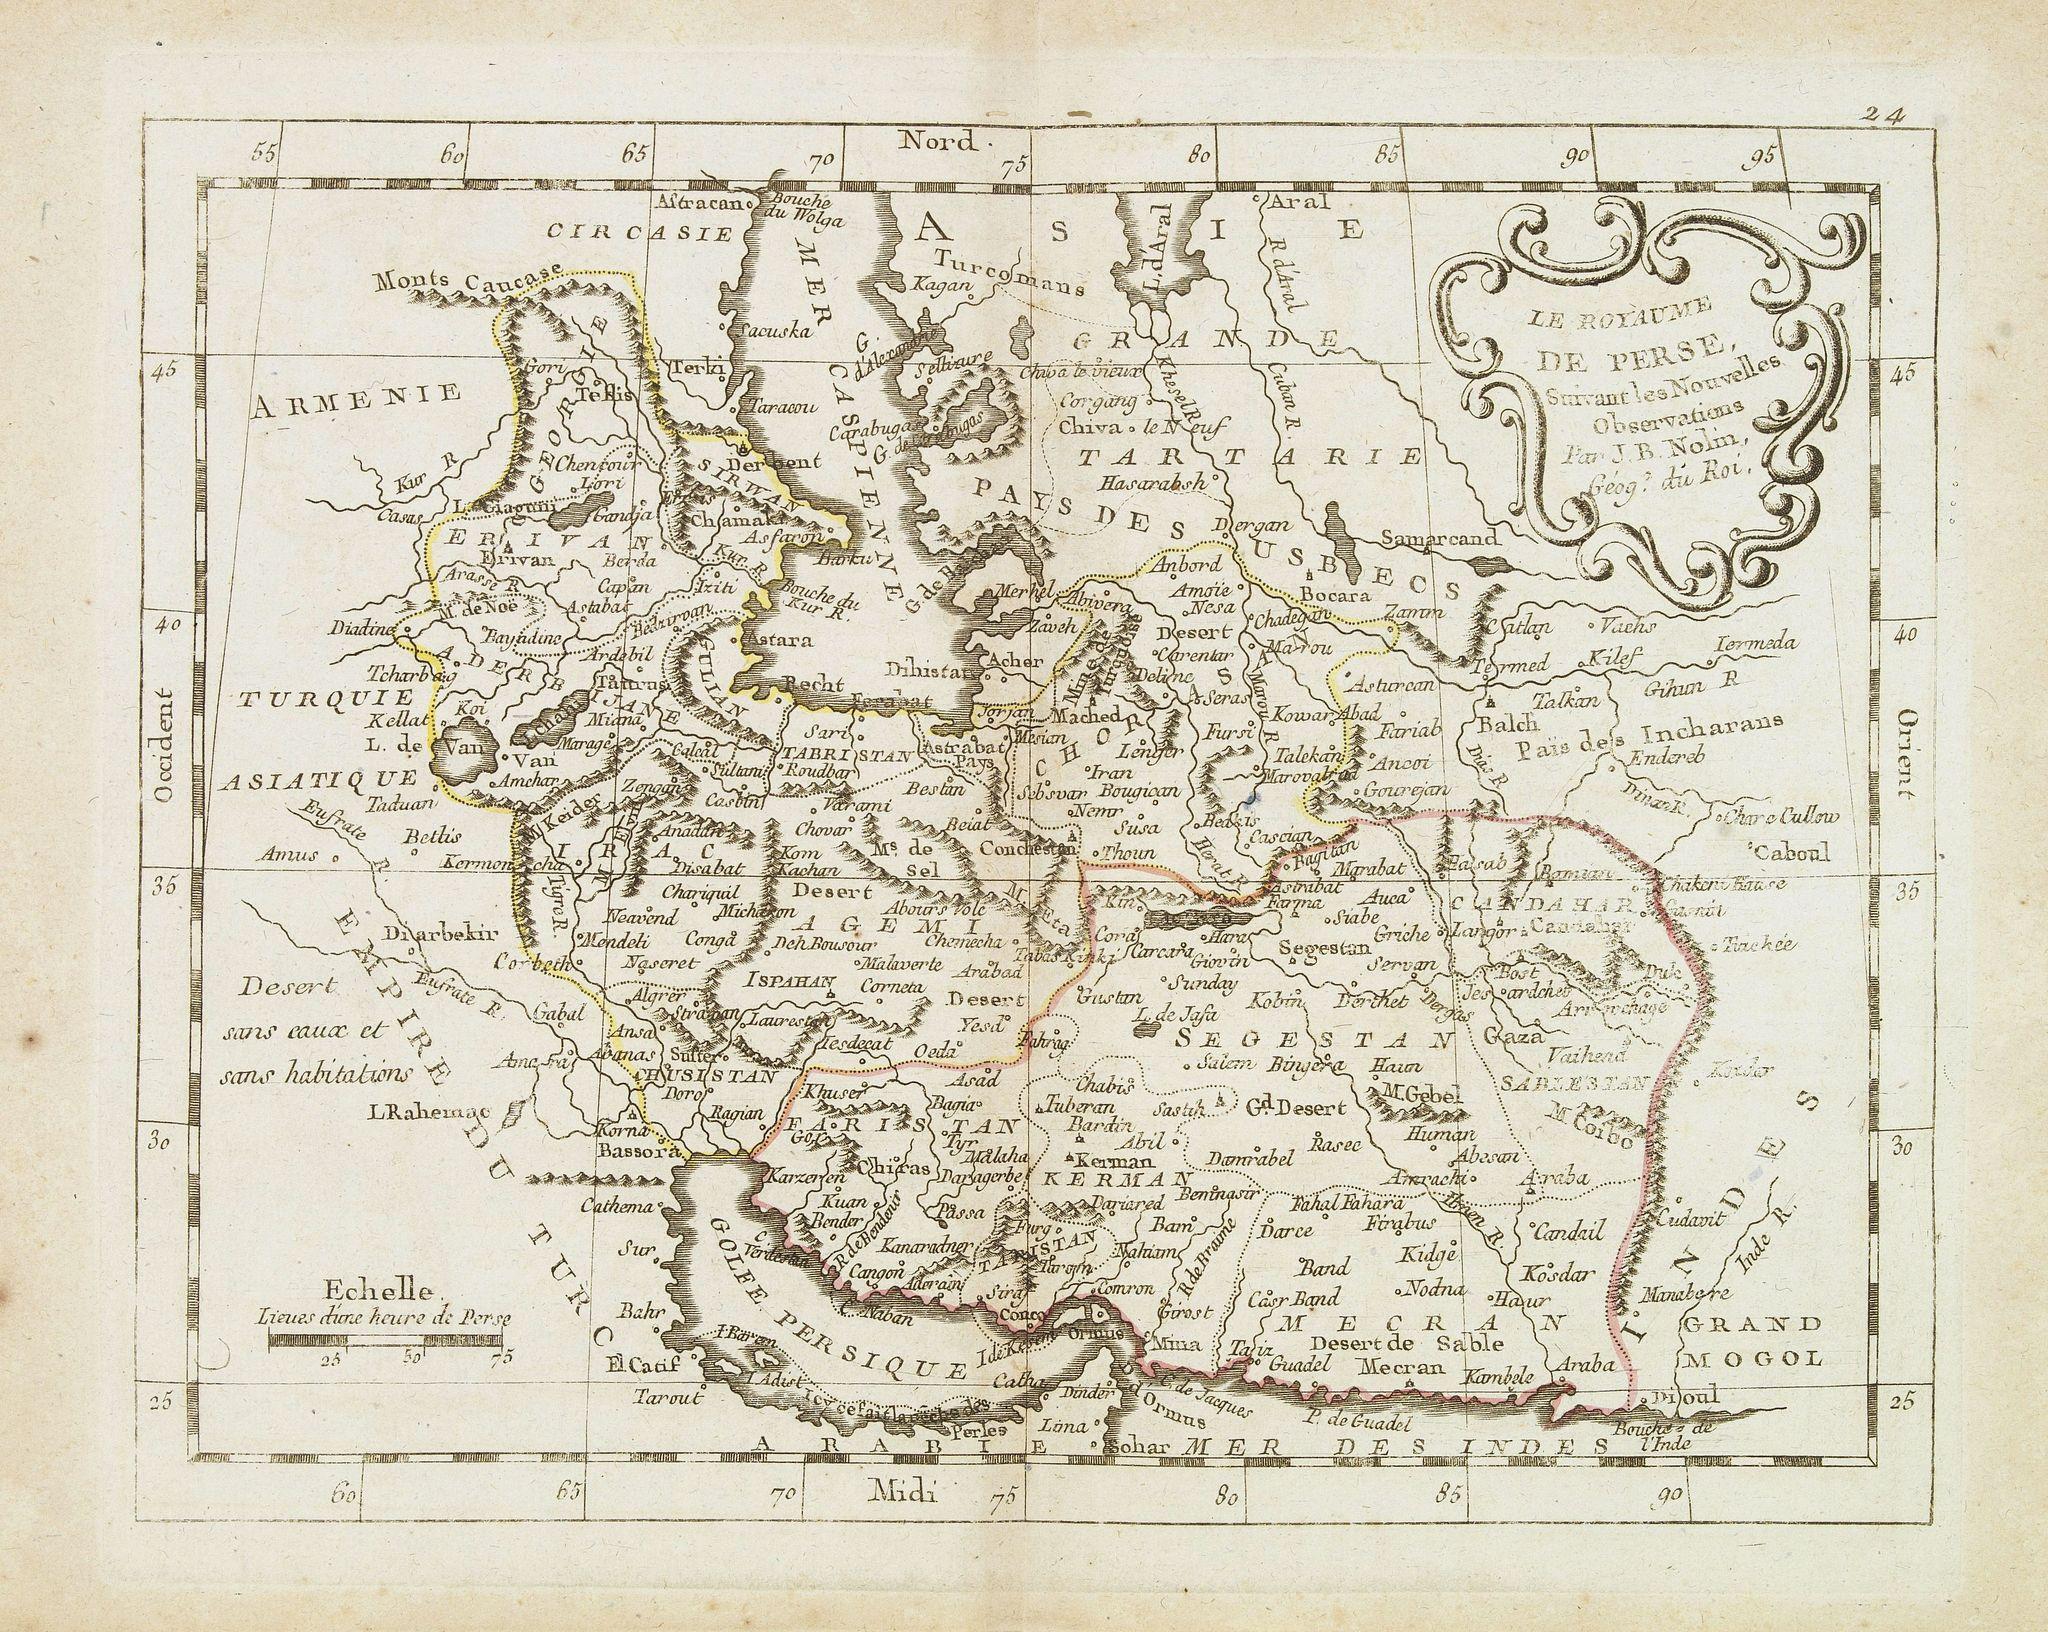 MONDHARE, L.J. / NOLIN, J.B. -  Le royaume de Perse. . .